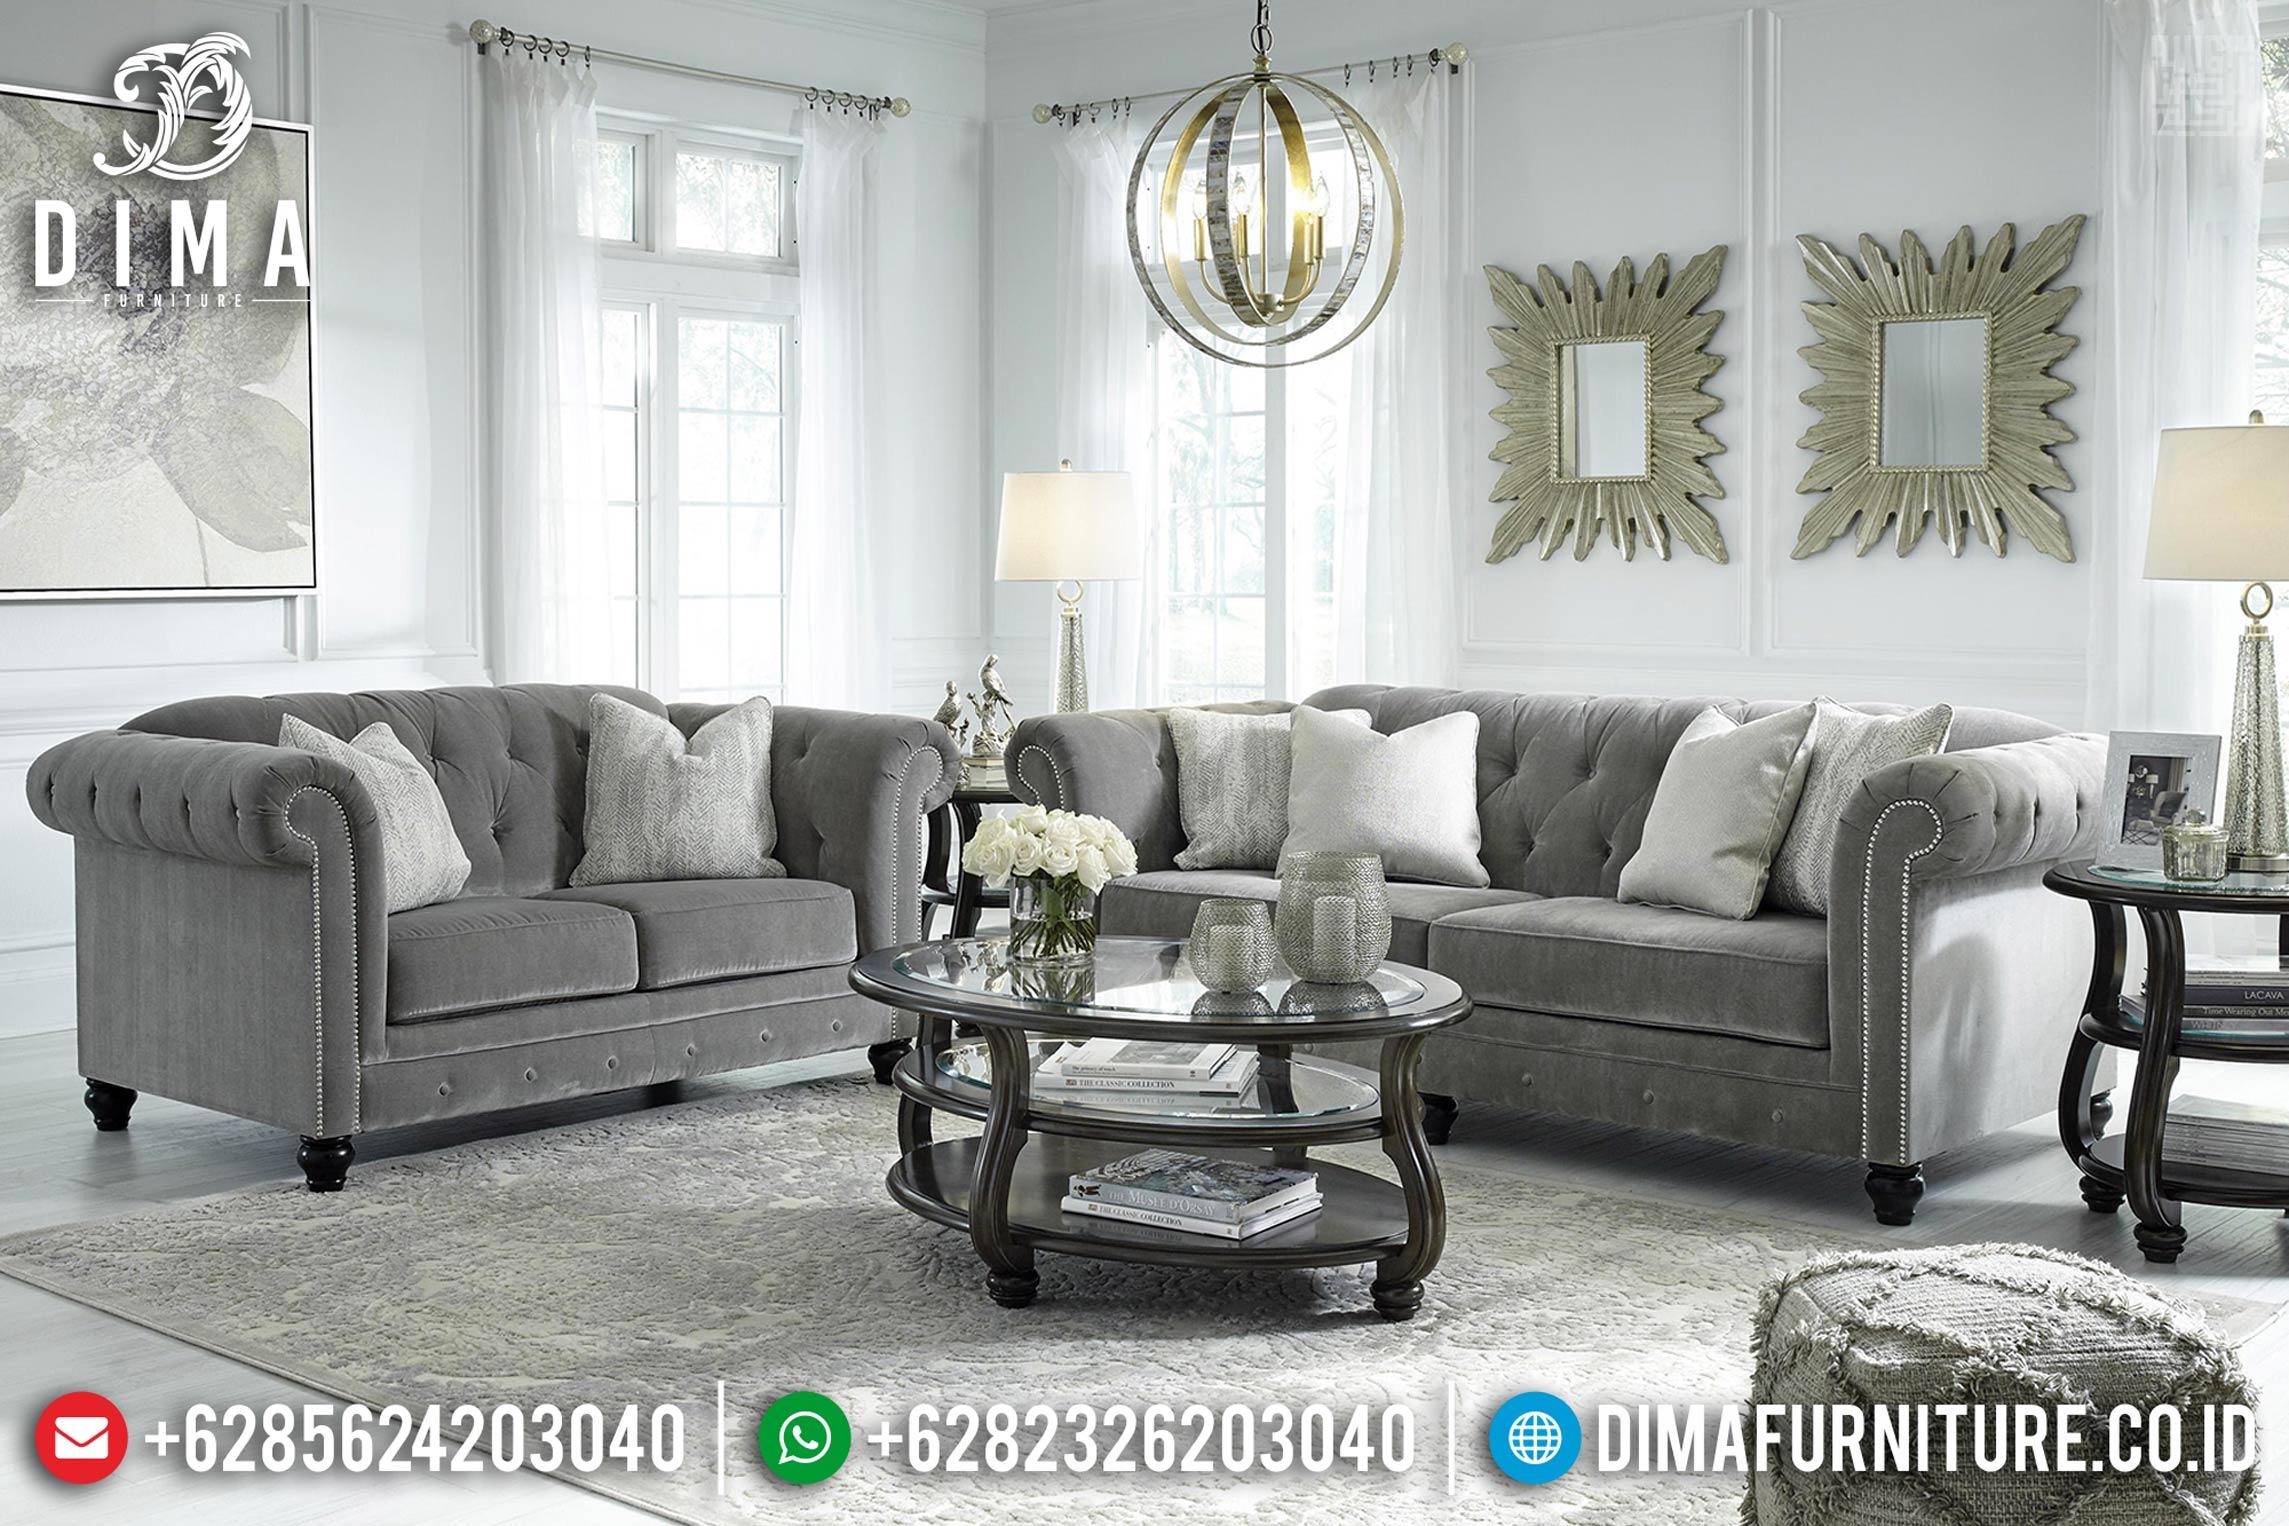 Best Seller Set Sofa Tamu Minimalis Chesterfield Furniture Jepara Terbaru TTJ-0377